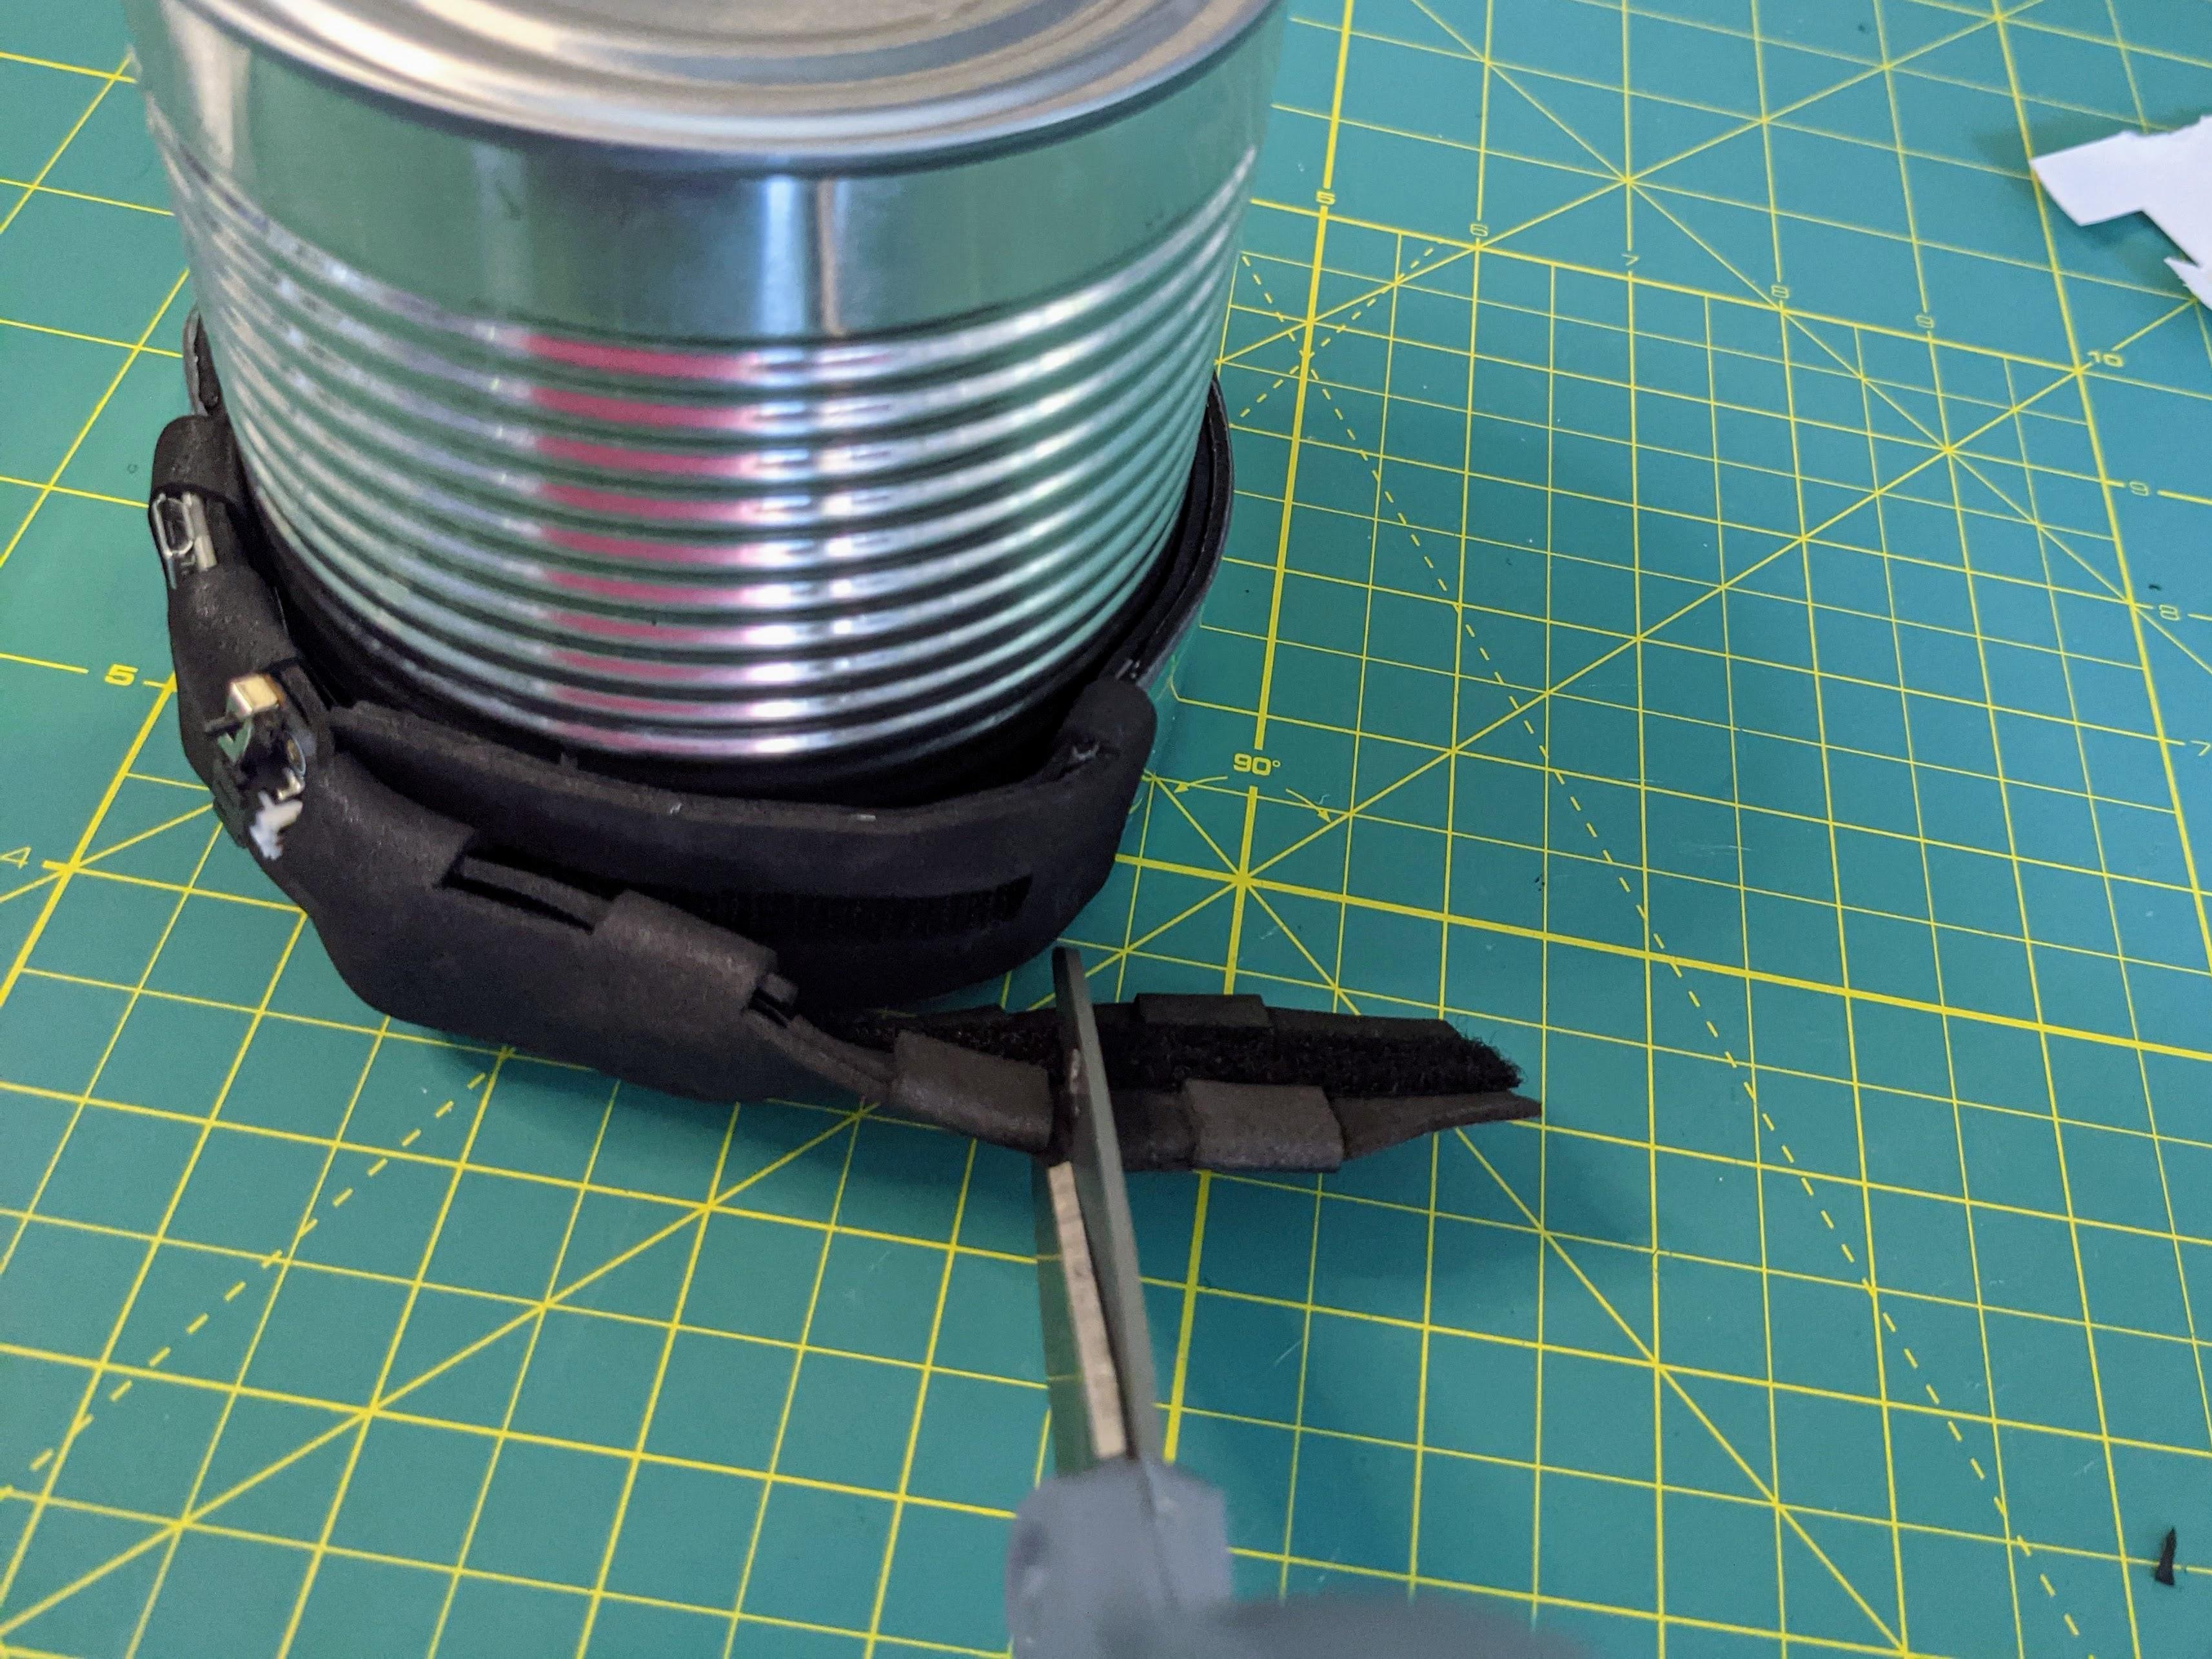 led_strips_PXL_20210125_202550380.jpg